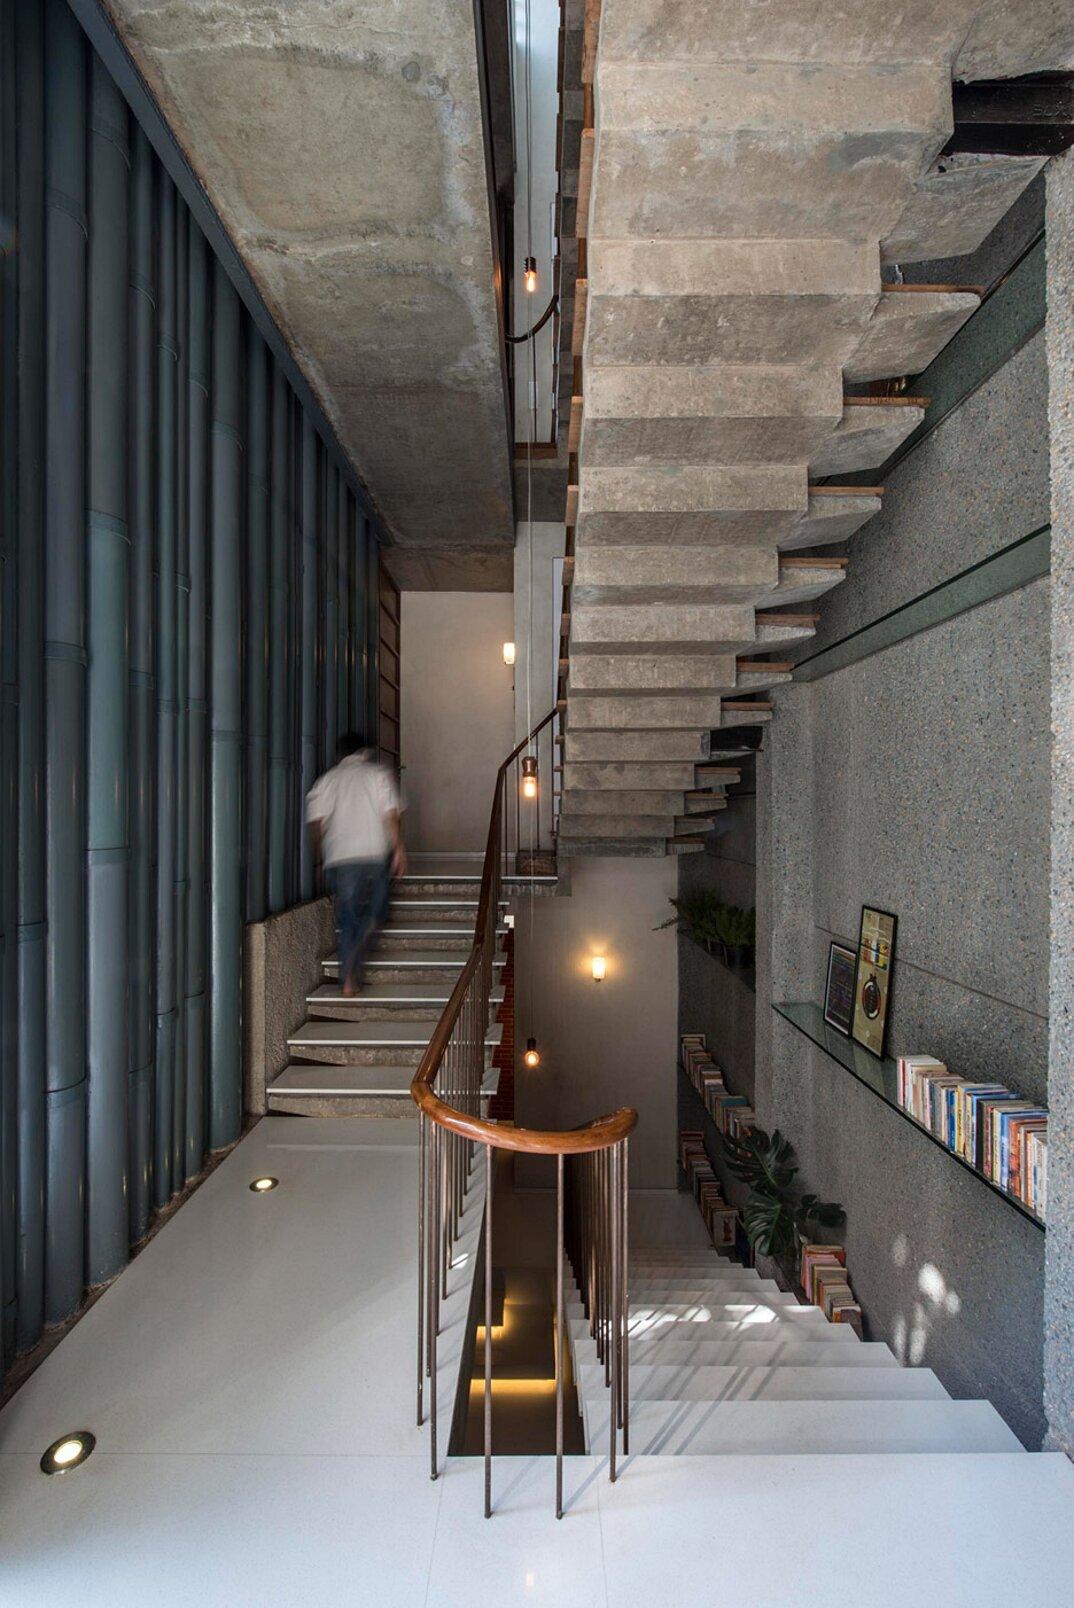 edificio-materiali-riciclati-architettura-sostenibile-mumbai-sps-architects-29